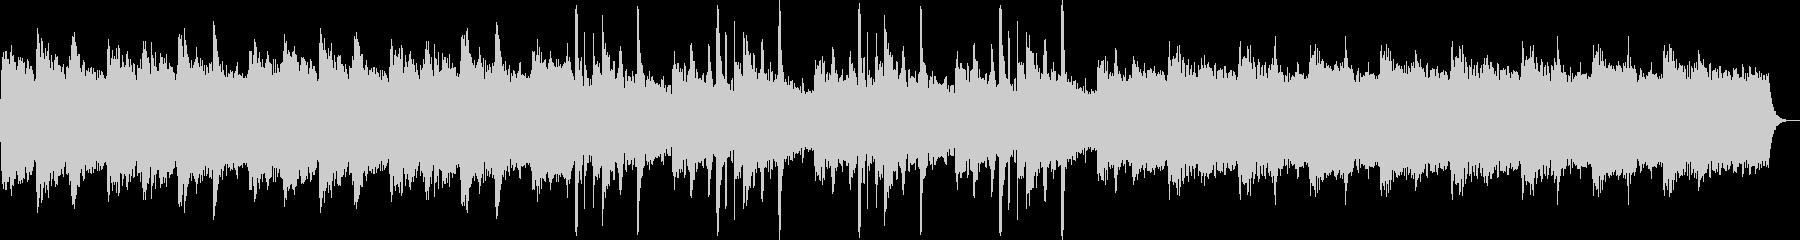 ゆっくりと優しいピアノシンセサウンドの未再生の波形